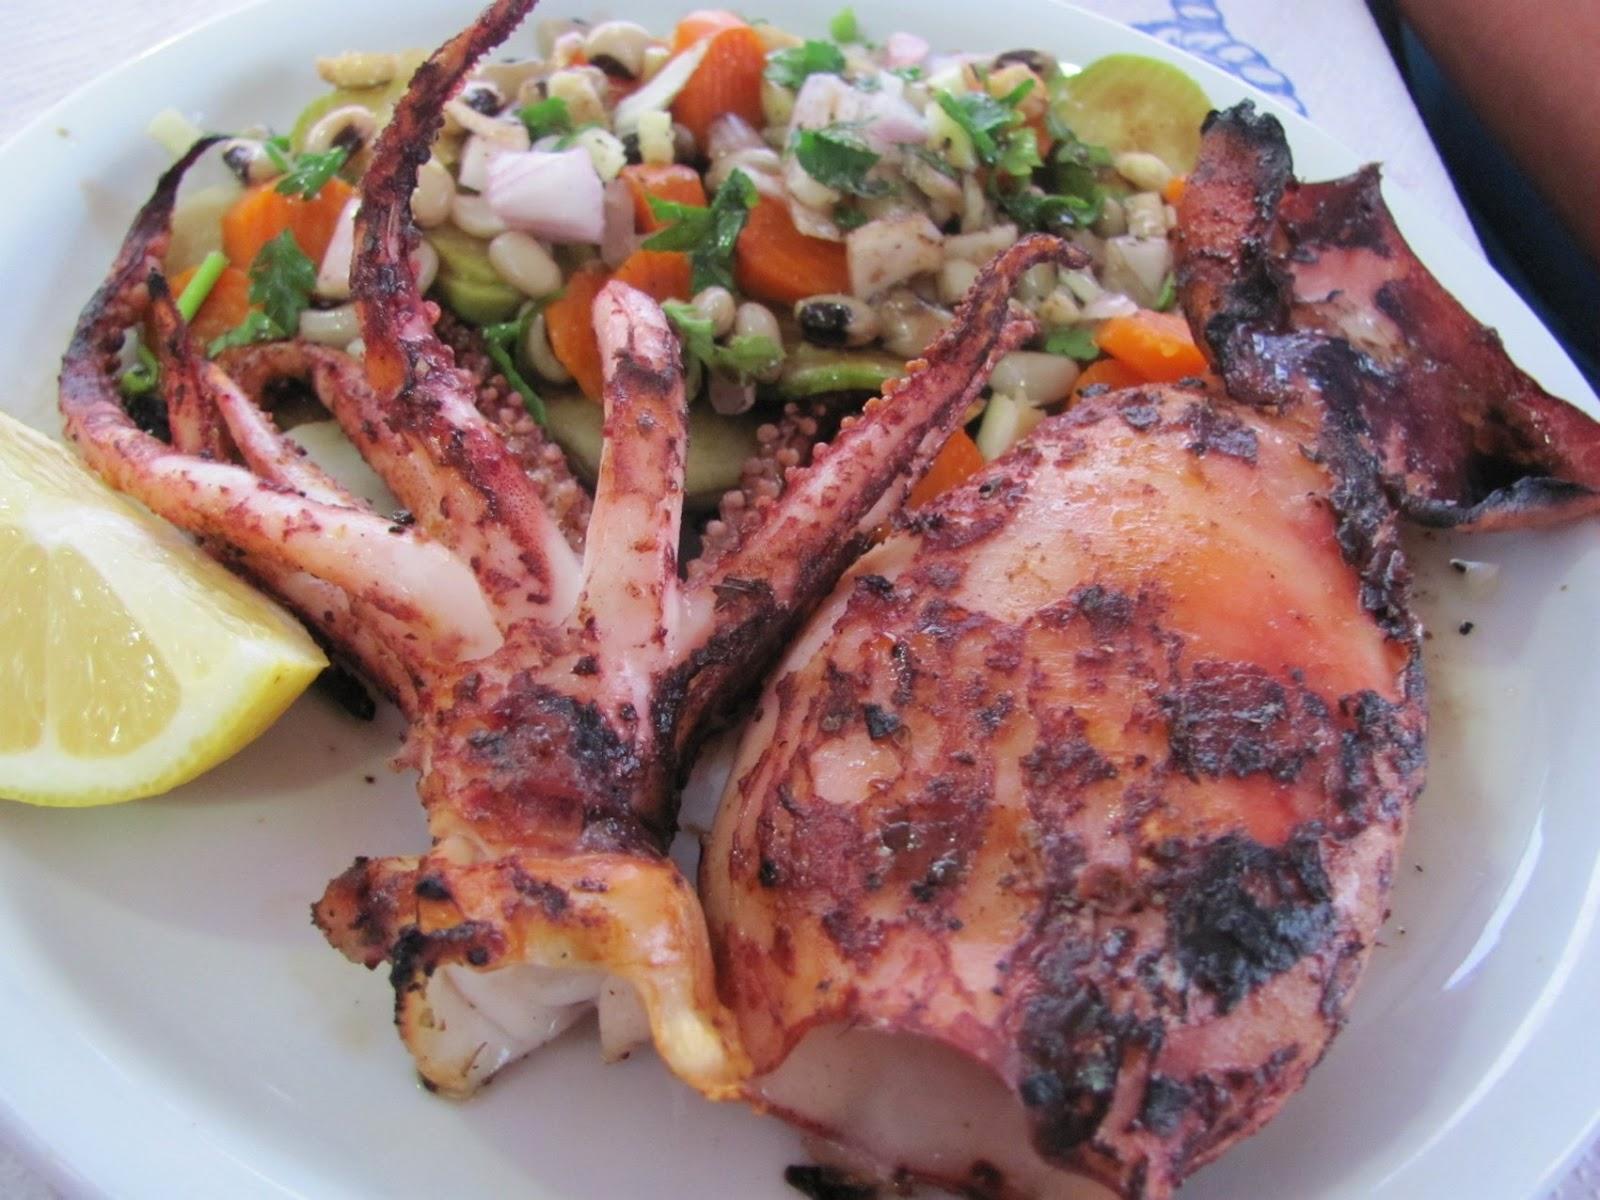 La cucina di pucci in vacanza sull 39 isola di amorgos - Piatti tipici della cucina greca ...